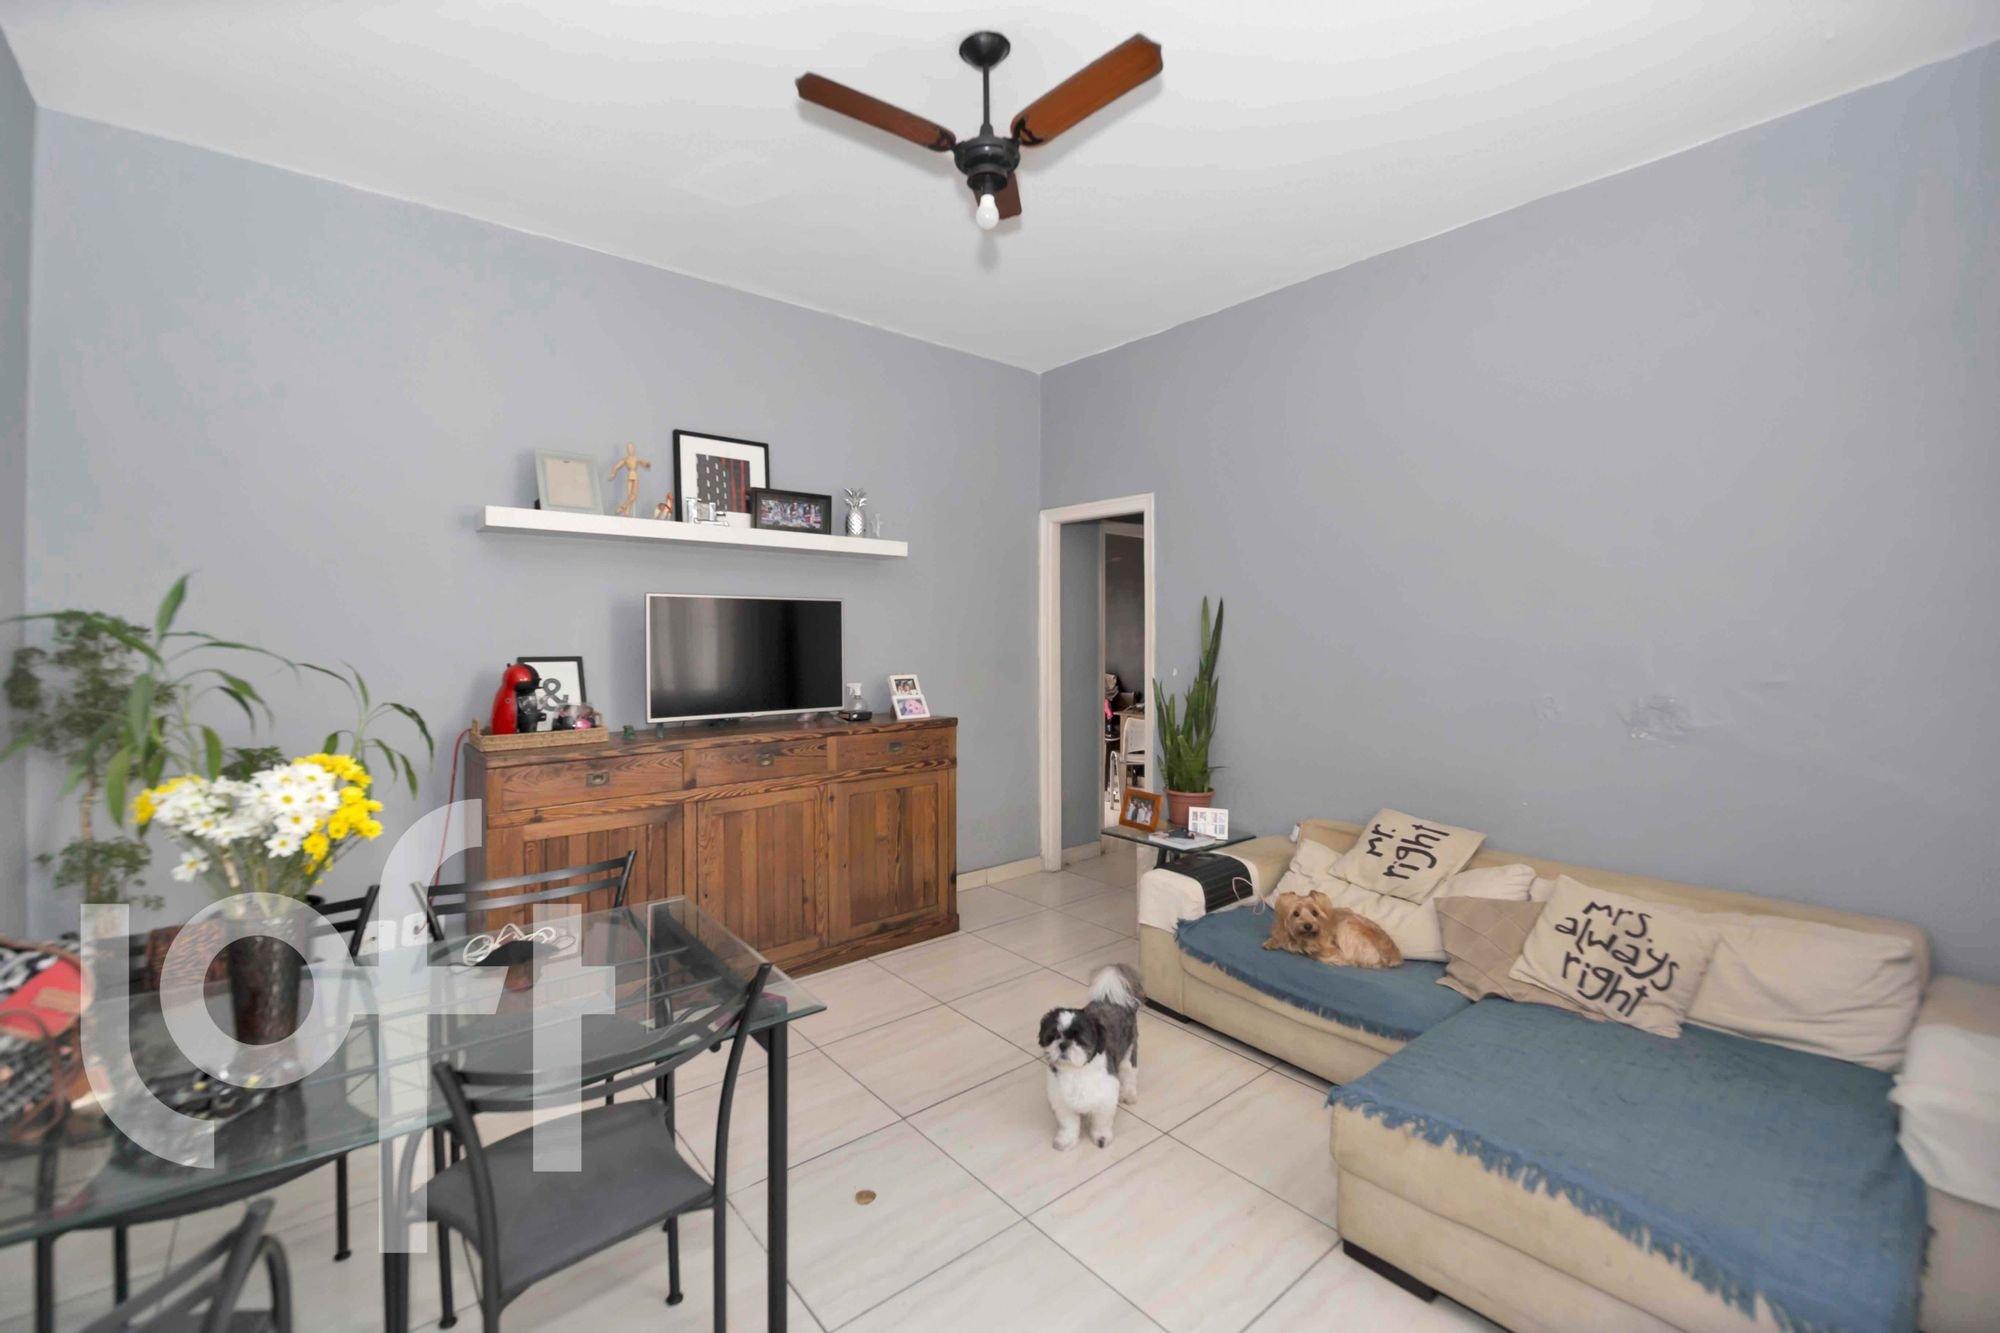 Foto de Sala com vaso de planta, sofá, televisão, cão, cadeira, mesa de jantar